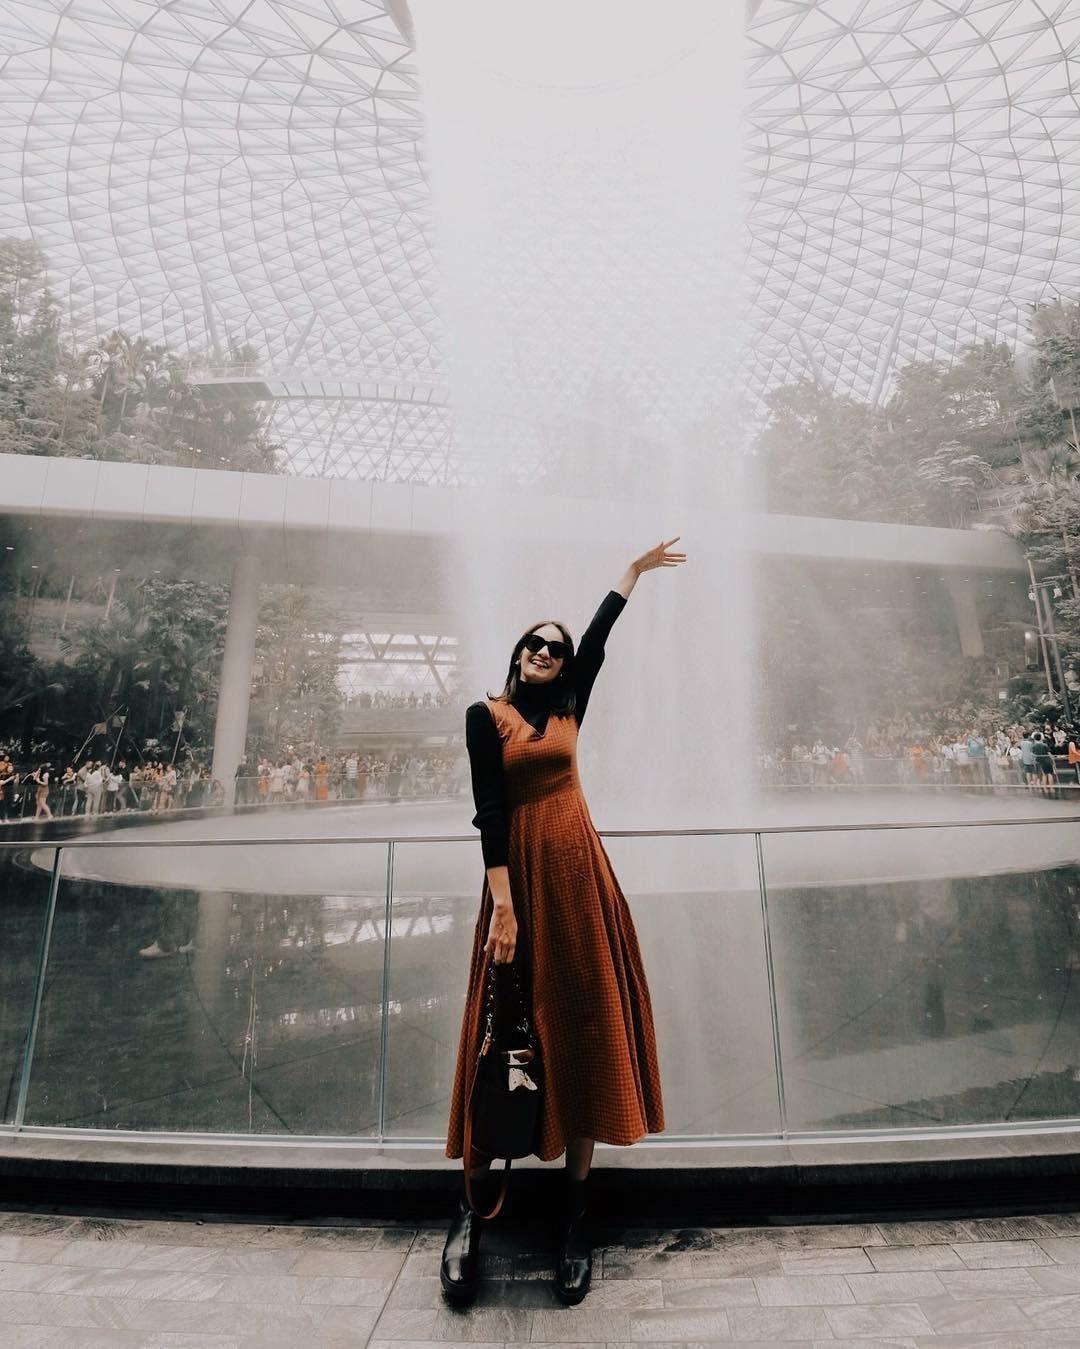 Gaya Artis Indonesia saat Jalan-jalan ke Luar Negeri, Fashion Banget!